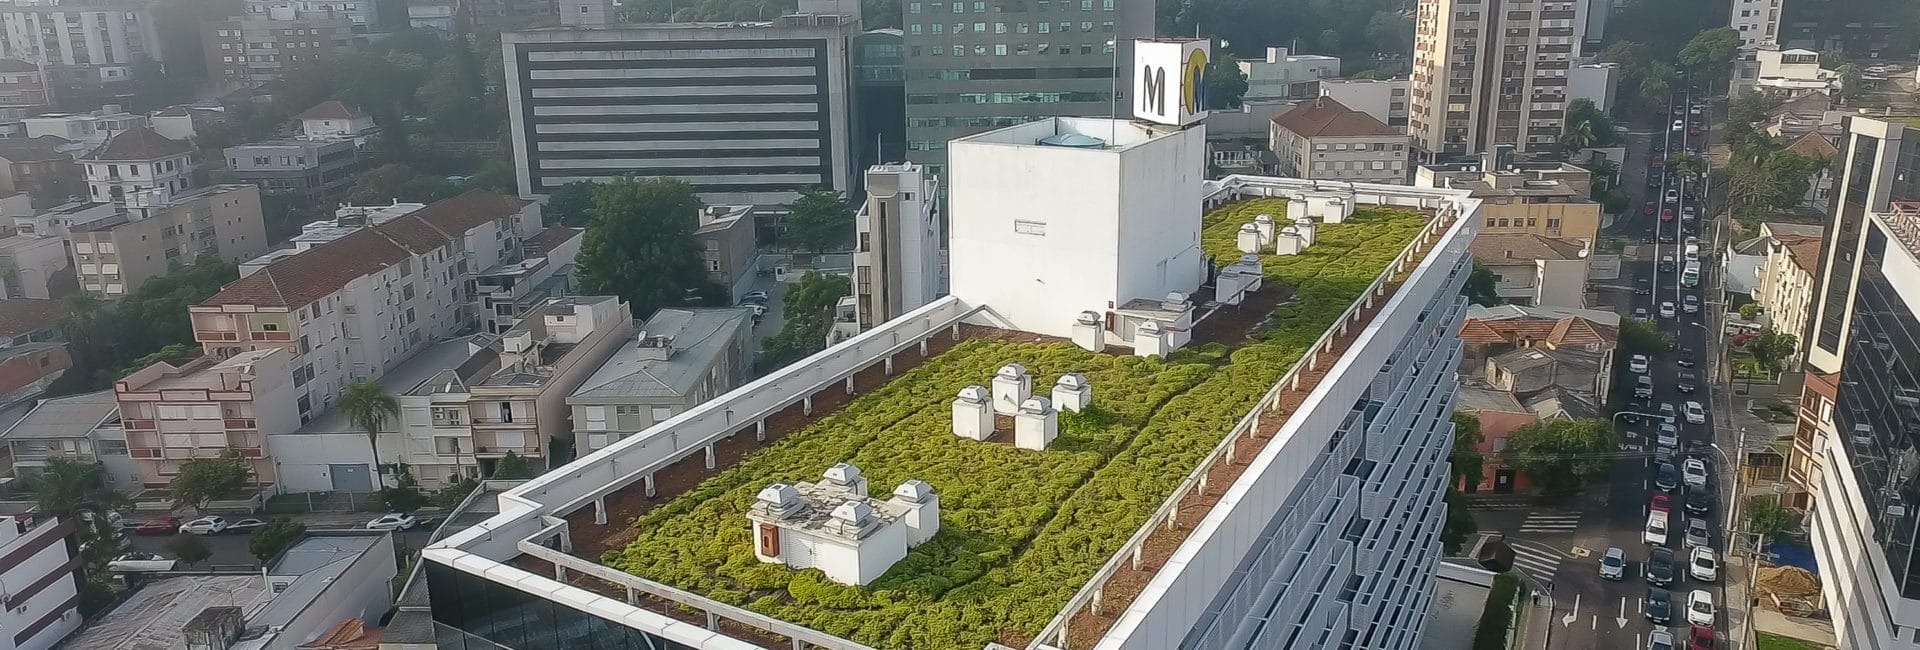 cobertura de um prédio com telhado verde e bacia de detenção